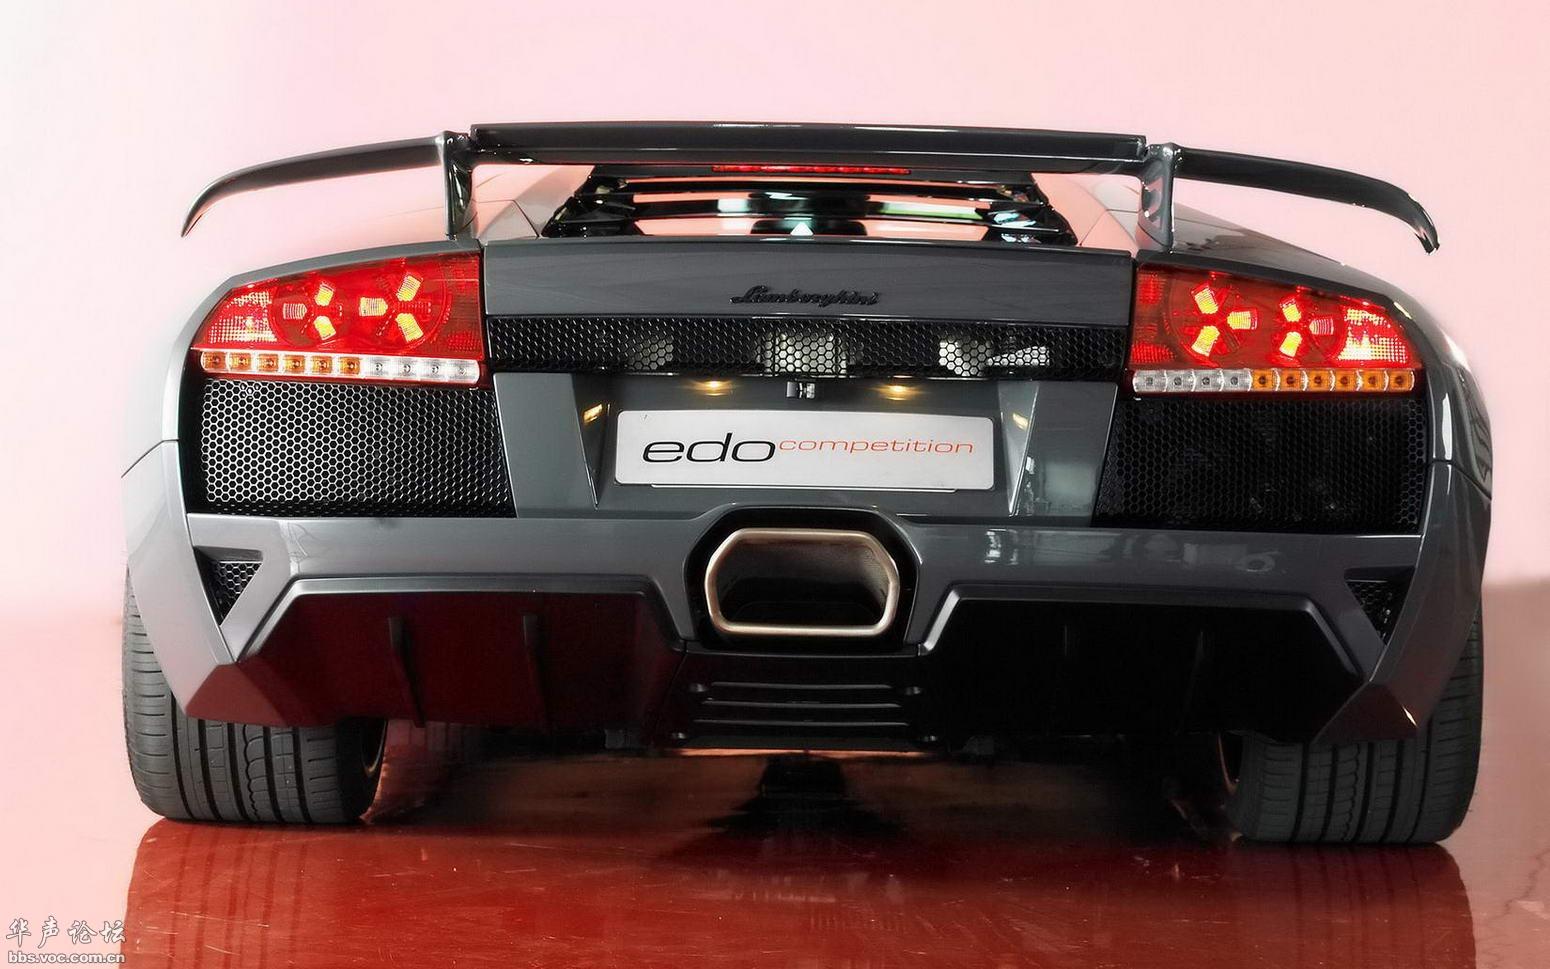 世界顶级 极品 车辆之 lamborghini 汽车沙龙高清图片